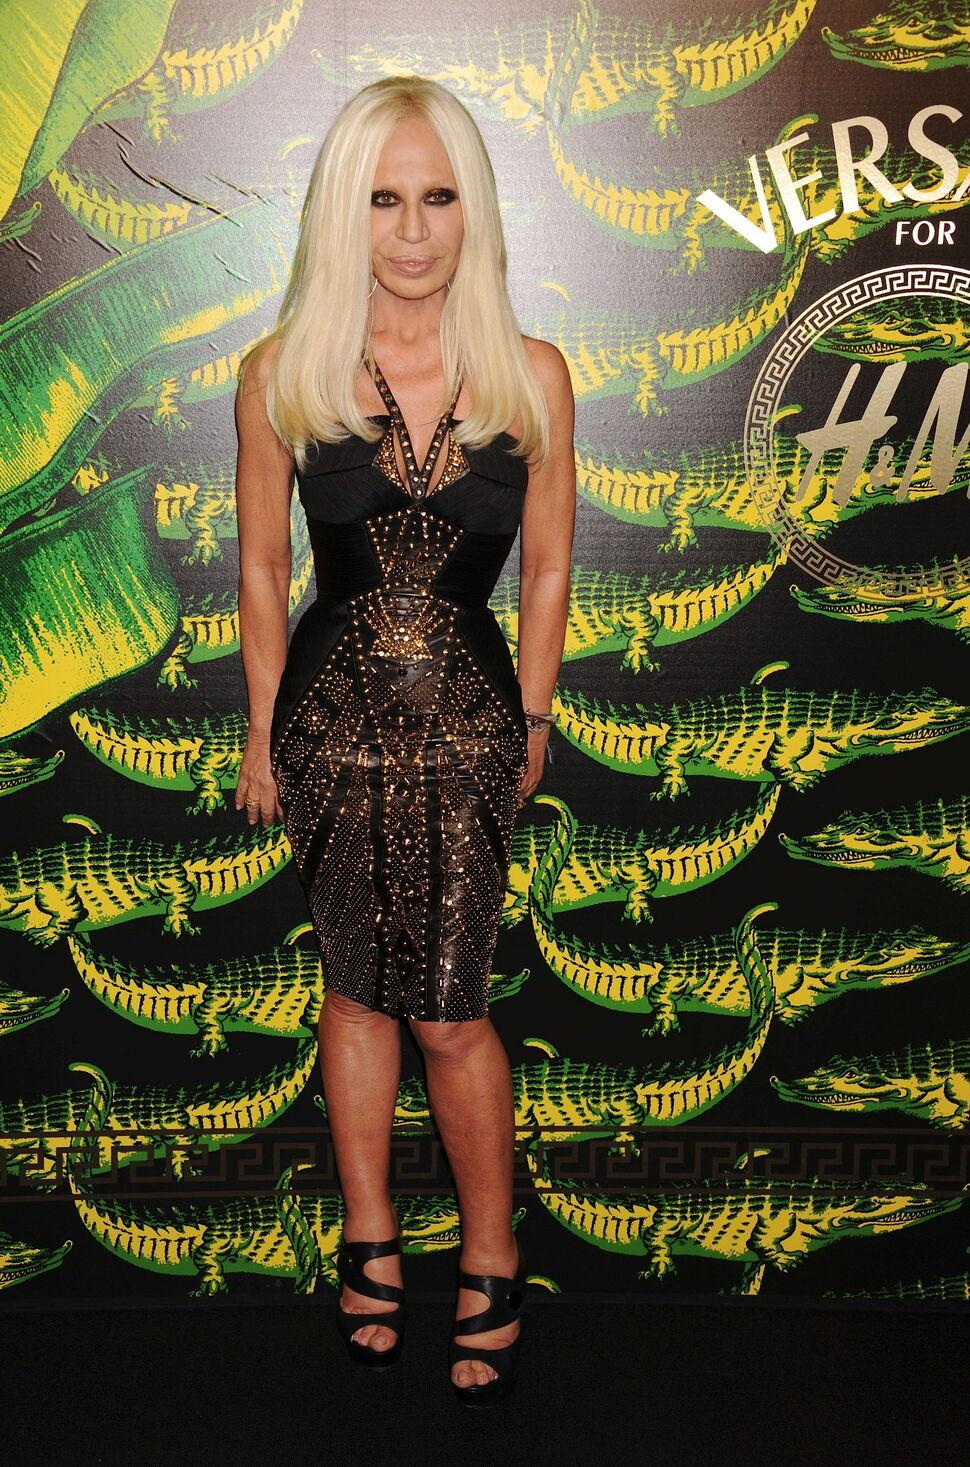 Донателла Версаче не хочет видеть коллекцию Versace for H&M на реальных людях